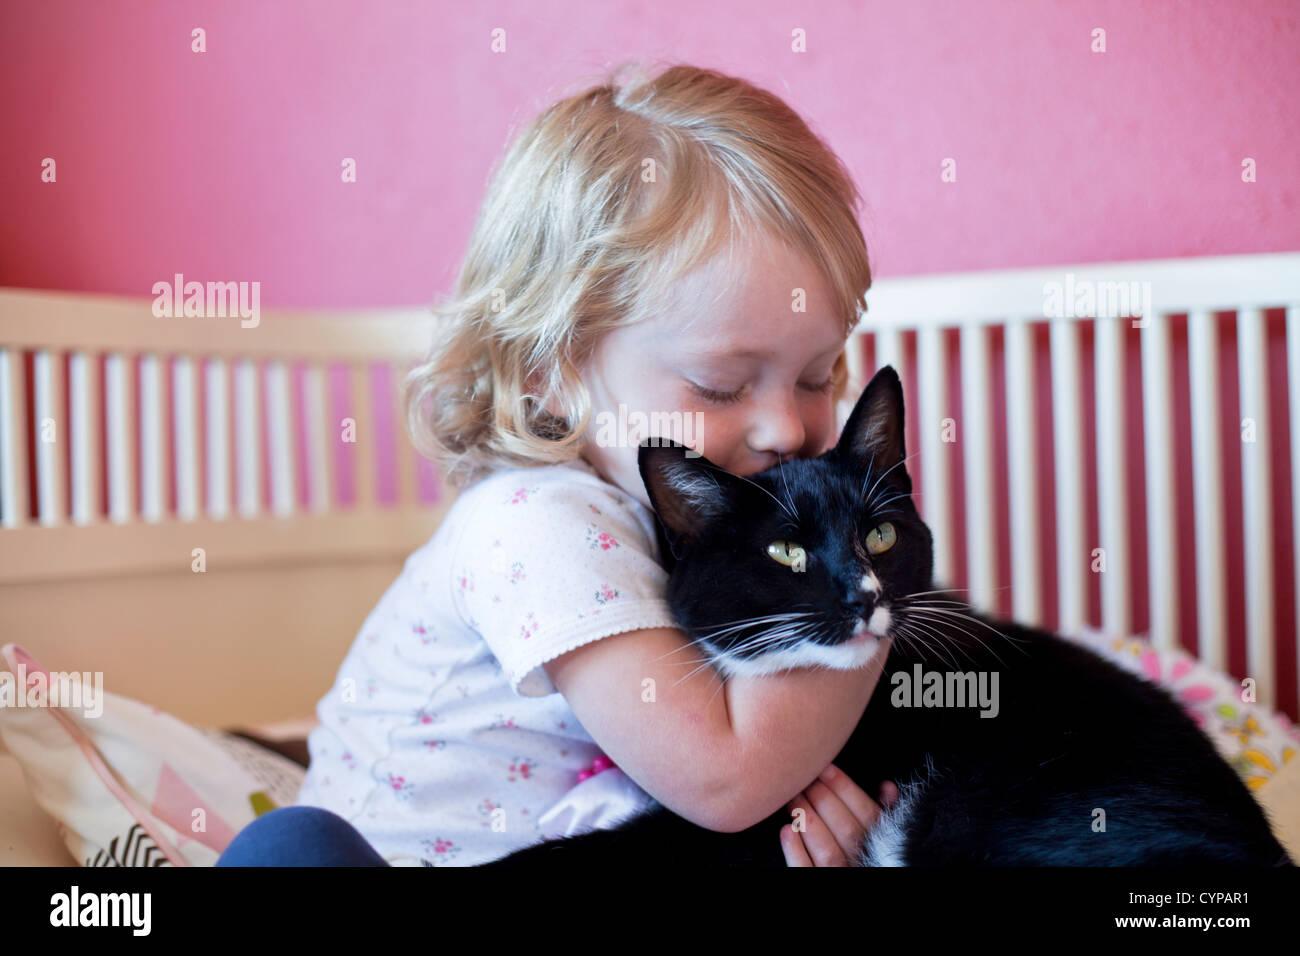 Il Toddler girl abbracciando il suo gatto. Foto Stock